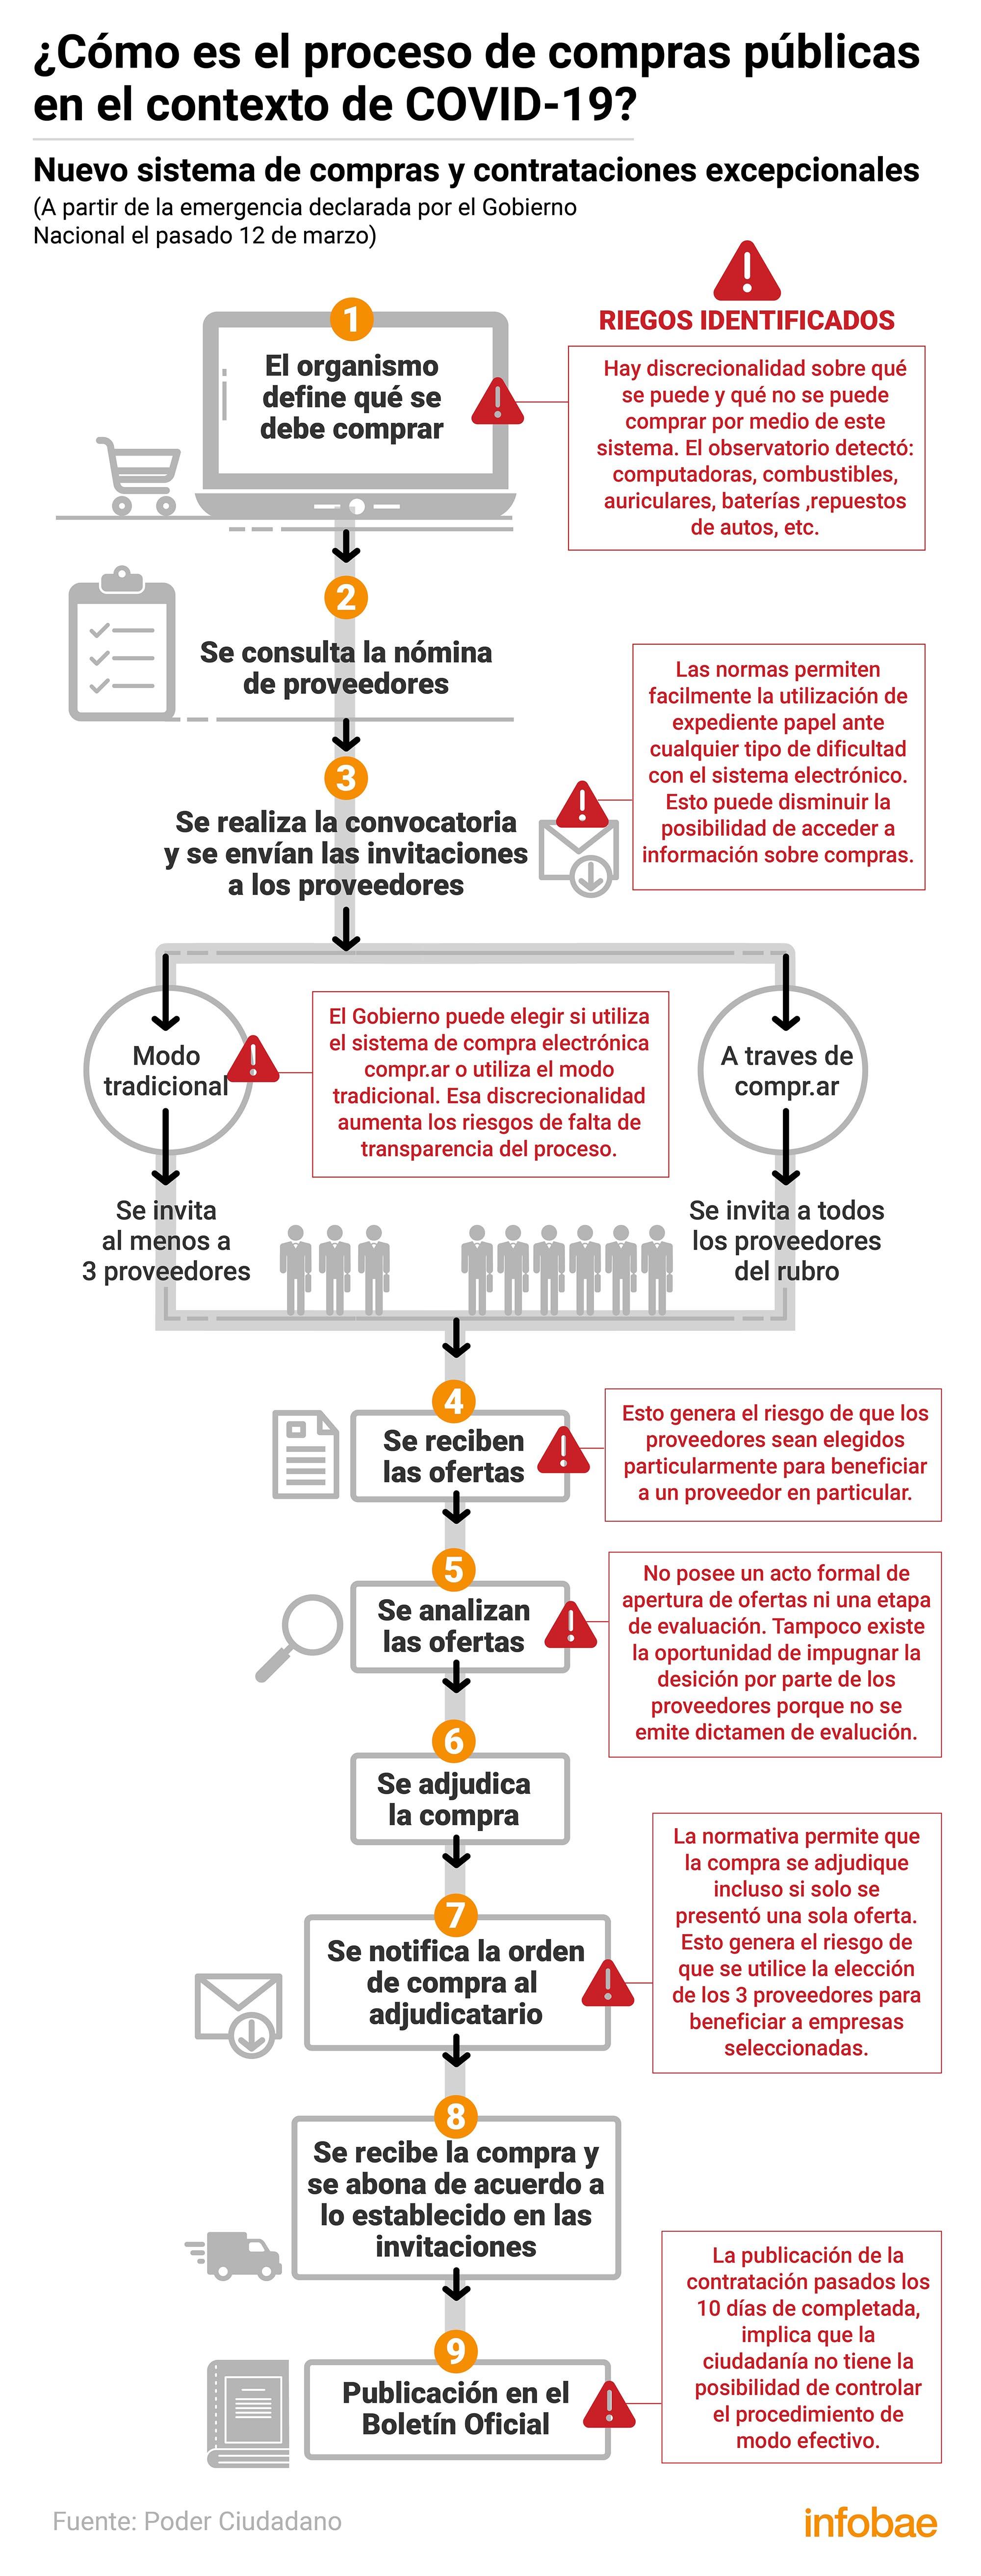 Cómo es el proceso de contratación de emergencia por el Covid-19 y sus riesgos (Fuente: Poder Ciudadano)